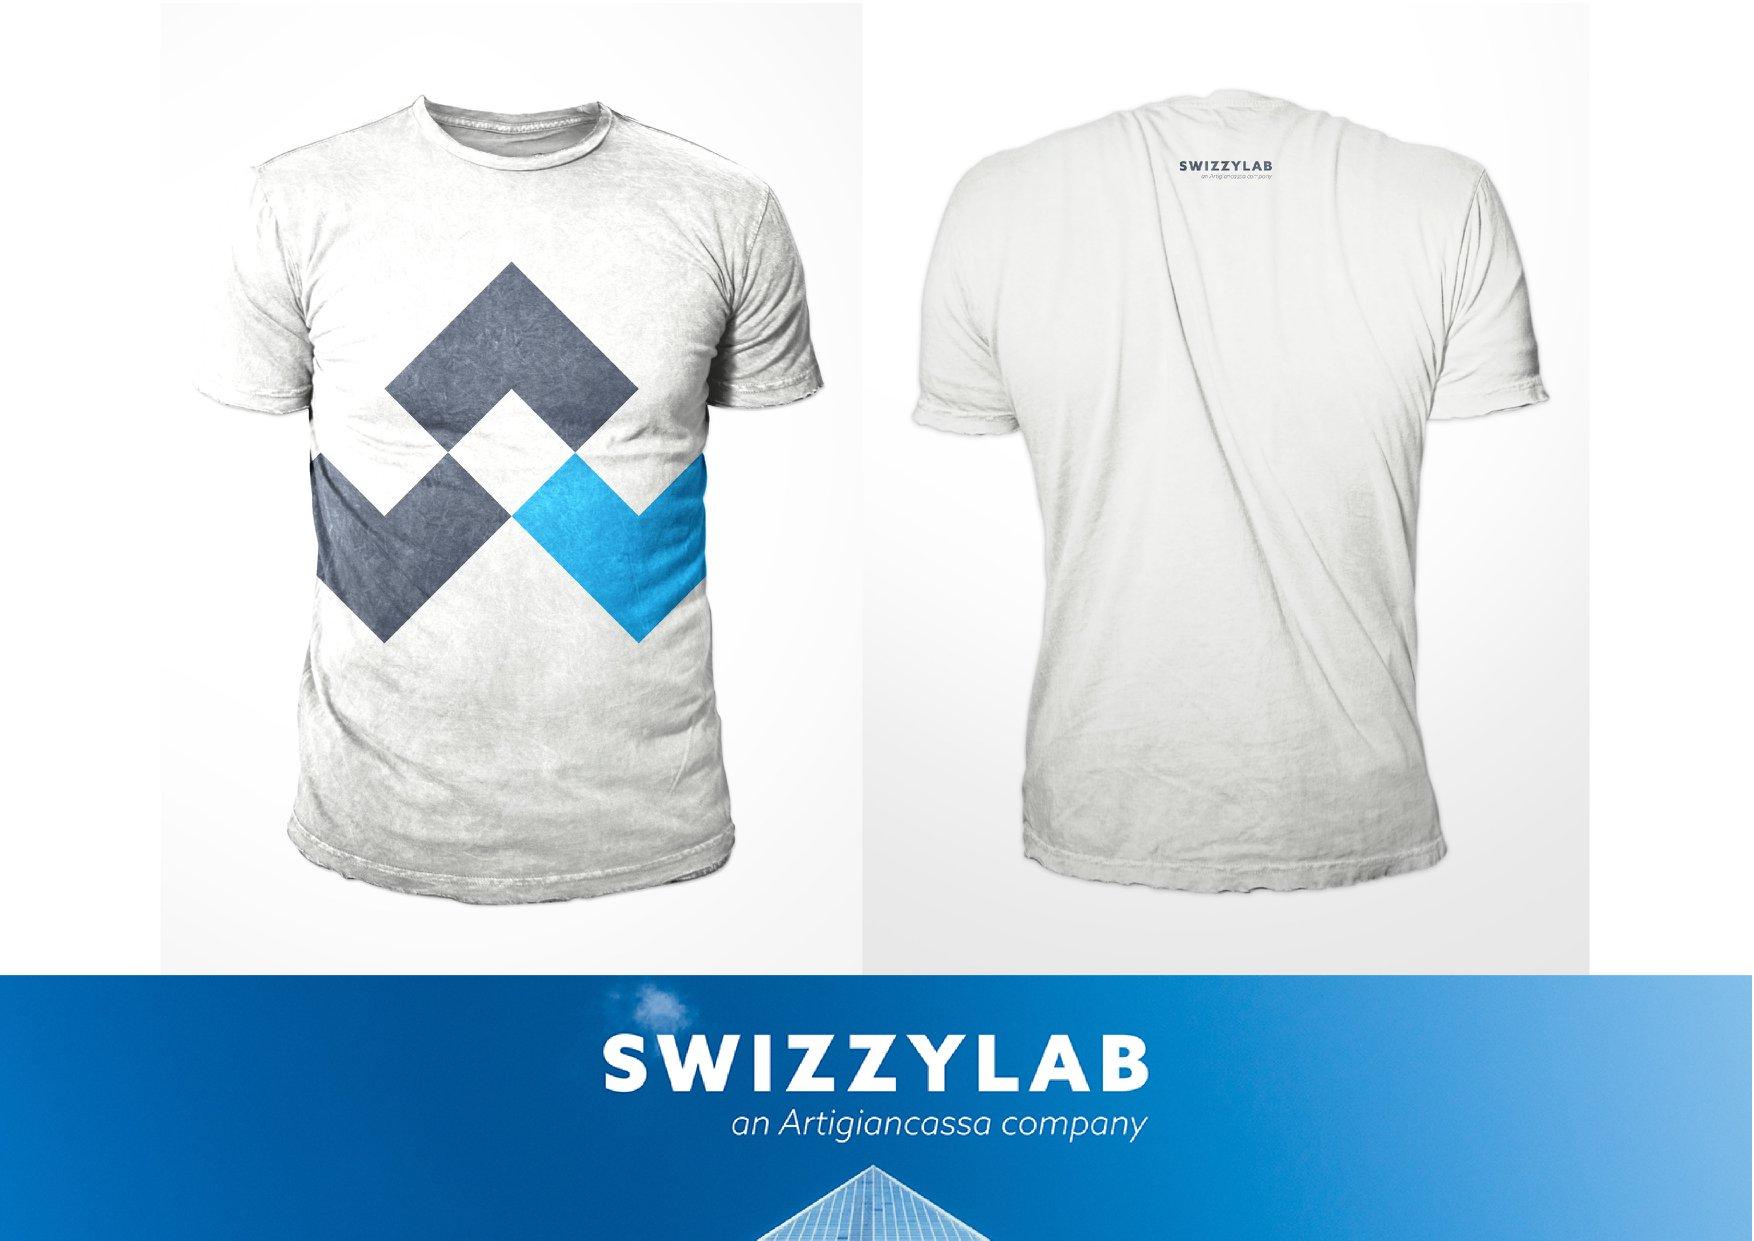 brand design abbigliamento (t-shirt)